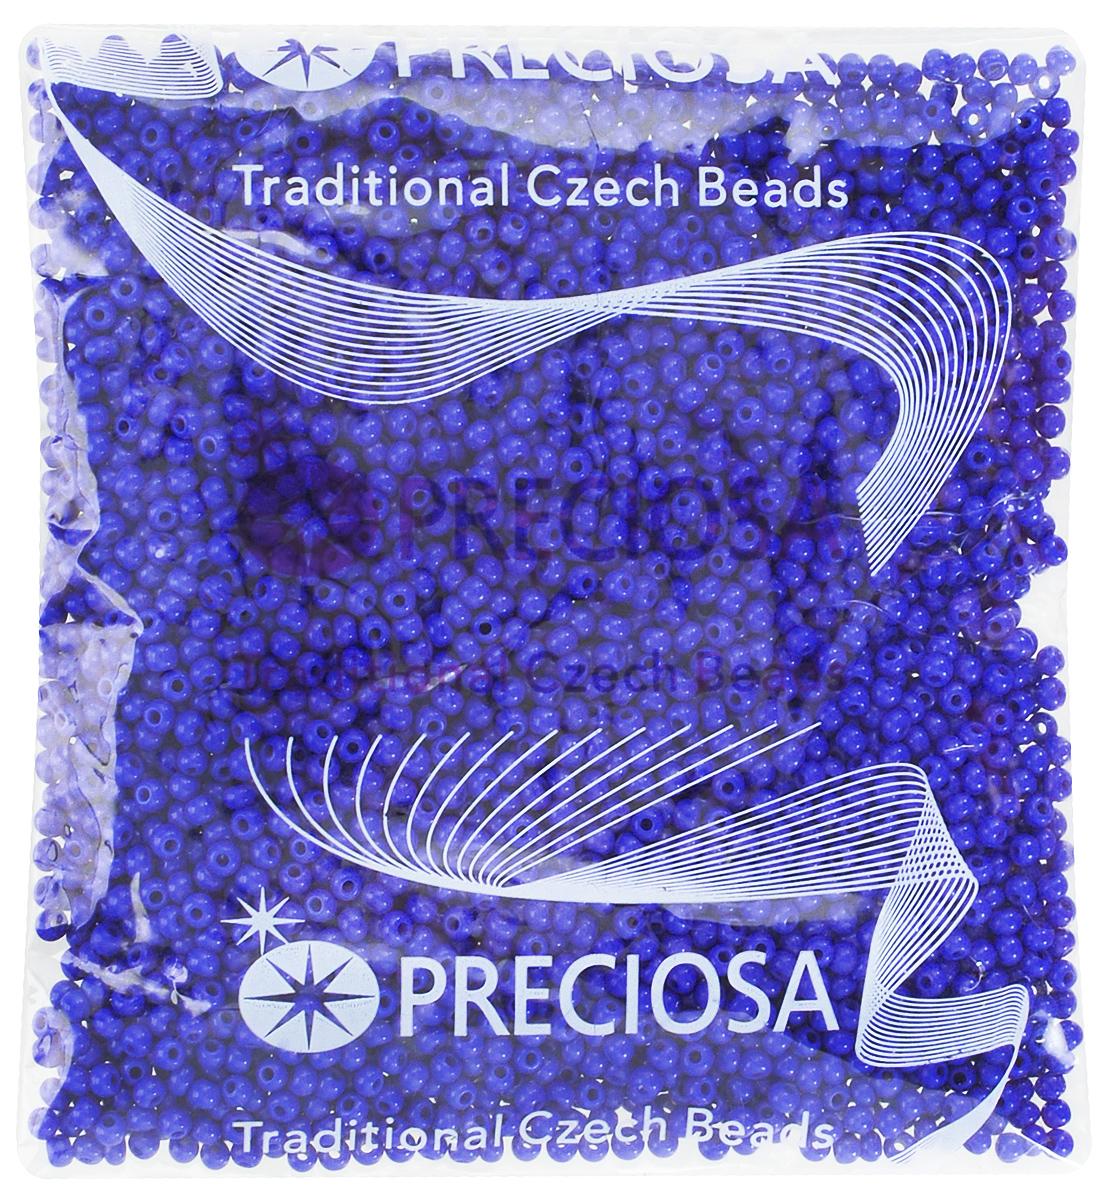 Бисер Preciosa Ассорти, матовый, цвет: темно-синий (08), 10/0, 50 г. 163142163142_08_синийБисер Preciosa Ассорти, изготовленный из стекла круглой формы, позволит вам своими руками создать оригинальные ожерелья, бусы или браслеты, а также заняться вышиванием. В бисероплетении часто используют бисер разных размеров и цветов. Он идеально подойдет для вышивания на предметах быта и женской одежде. Изготовление украшений - занимательное хобби и реализация творческих способностей рукодельницы, это возможность создания неповторимого индивидуального подарка.